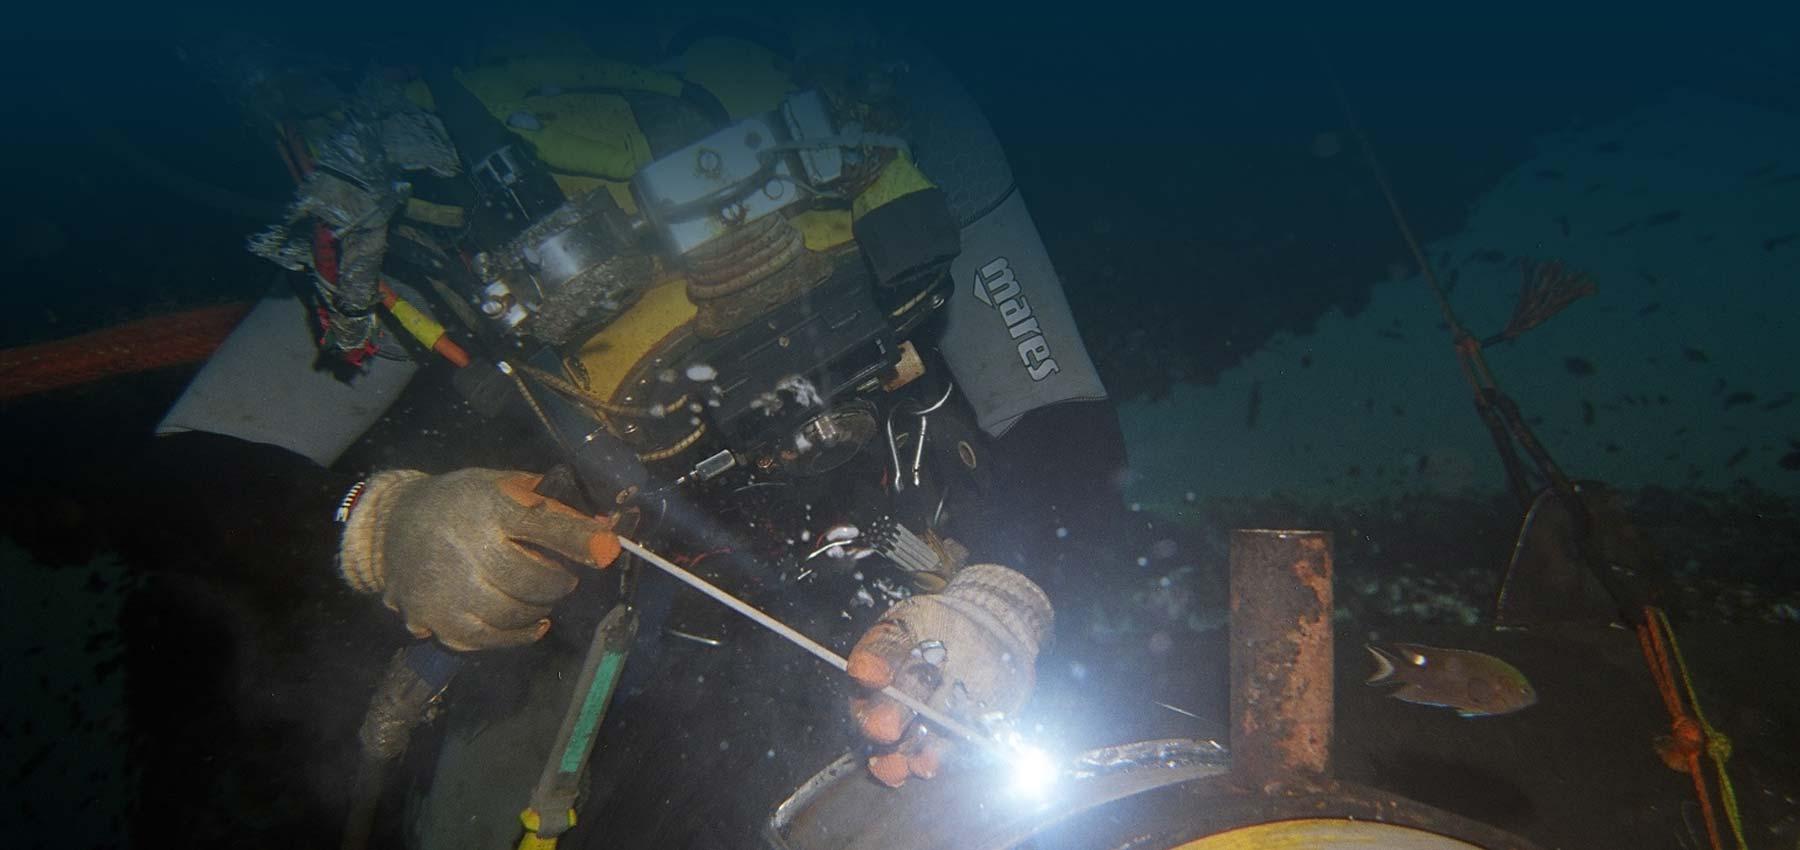 Bekendmaking DMC 01-20 Duikmedische geschiktheid bij duikers na een doorgemaakte of vermoedelijk doorgemaakte corona (COVID-19) infectie